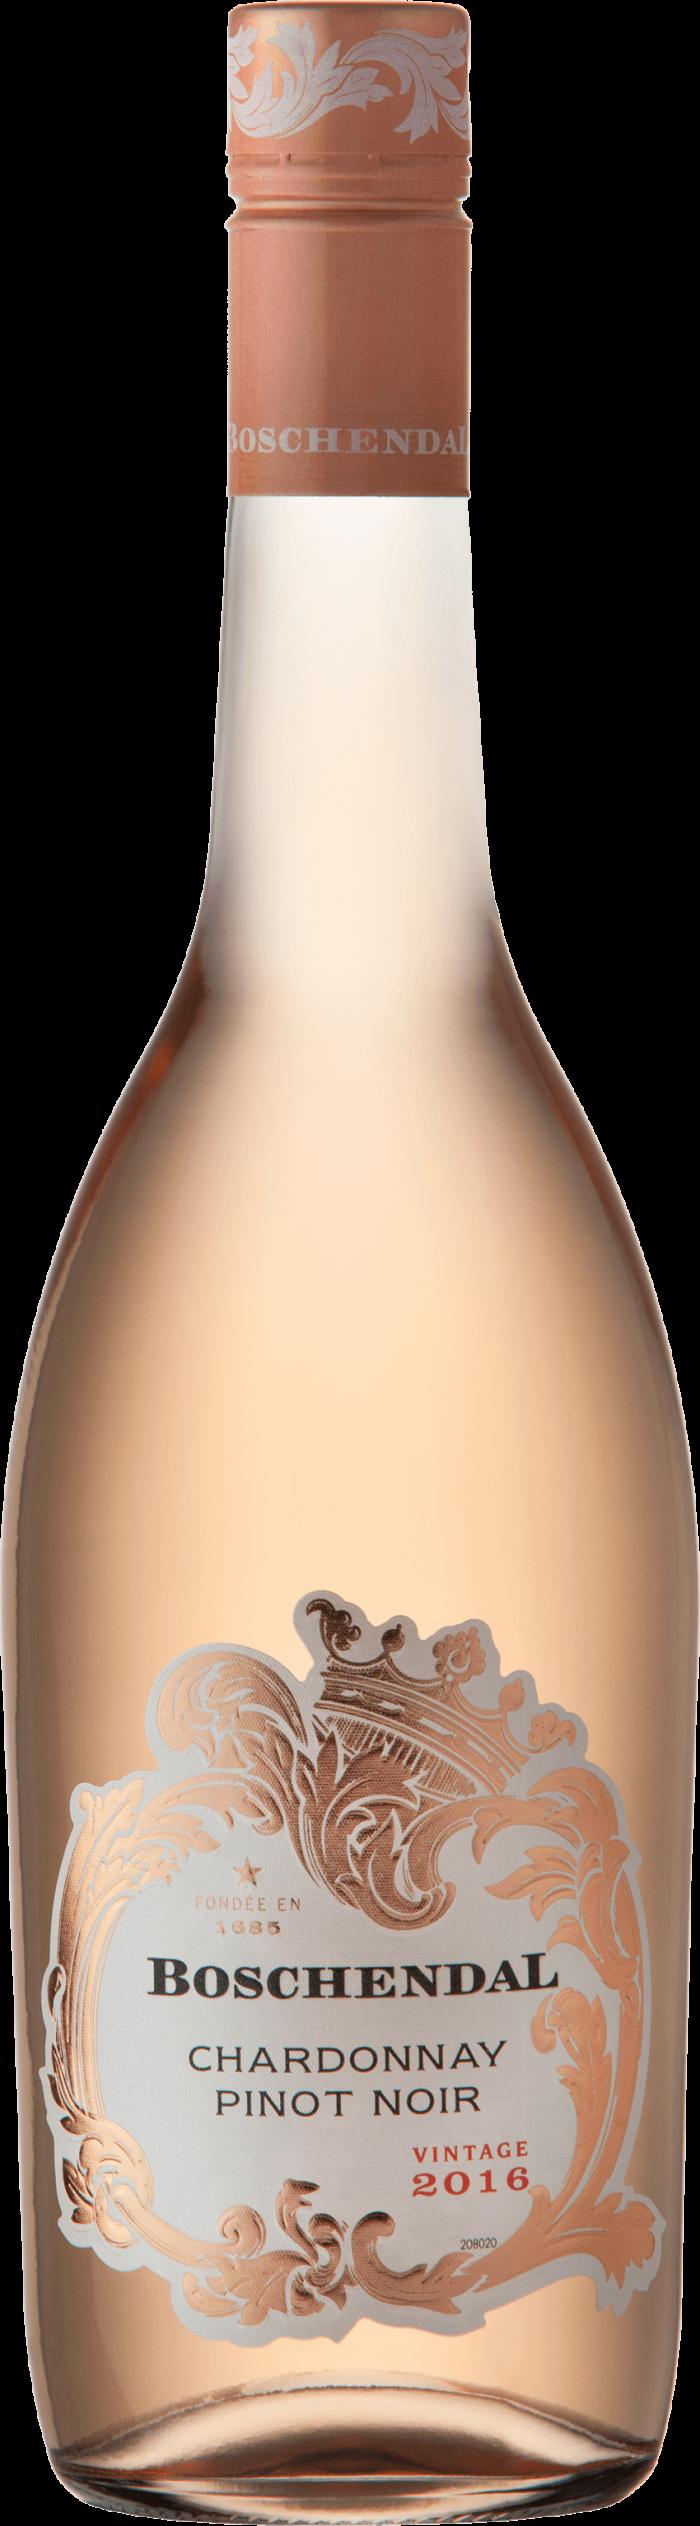 Boschendal 1685 Chardonnay / Pinot Noir | Zuid-Afrika | gemaakt van de druif: Chardonnay, Pinot Noir